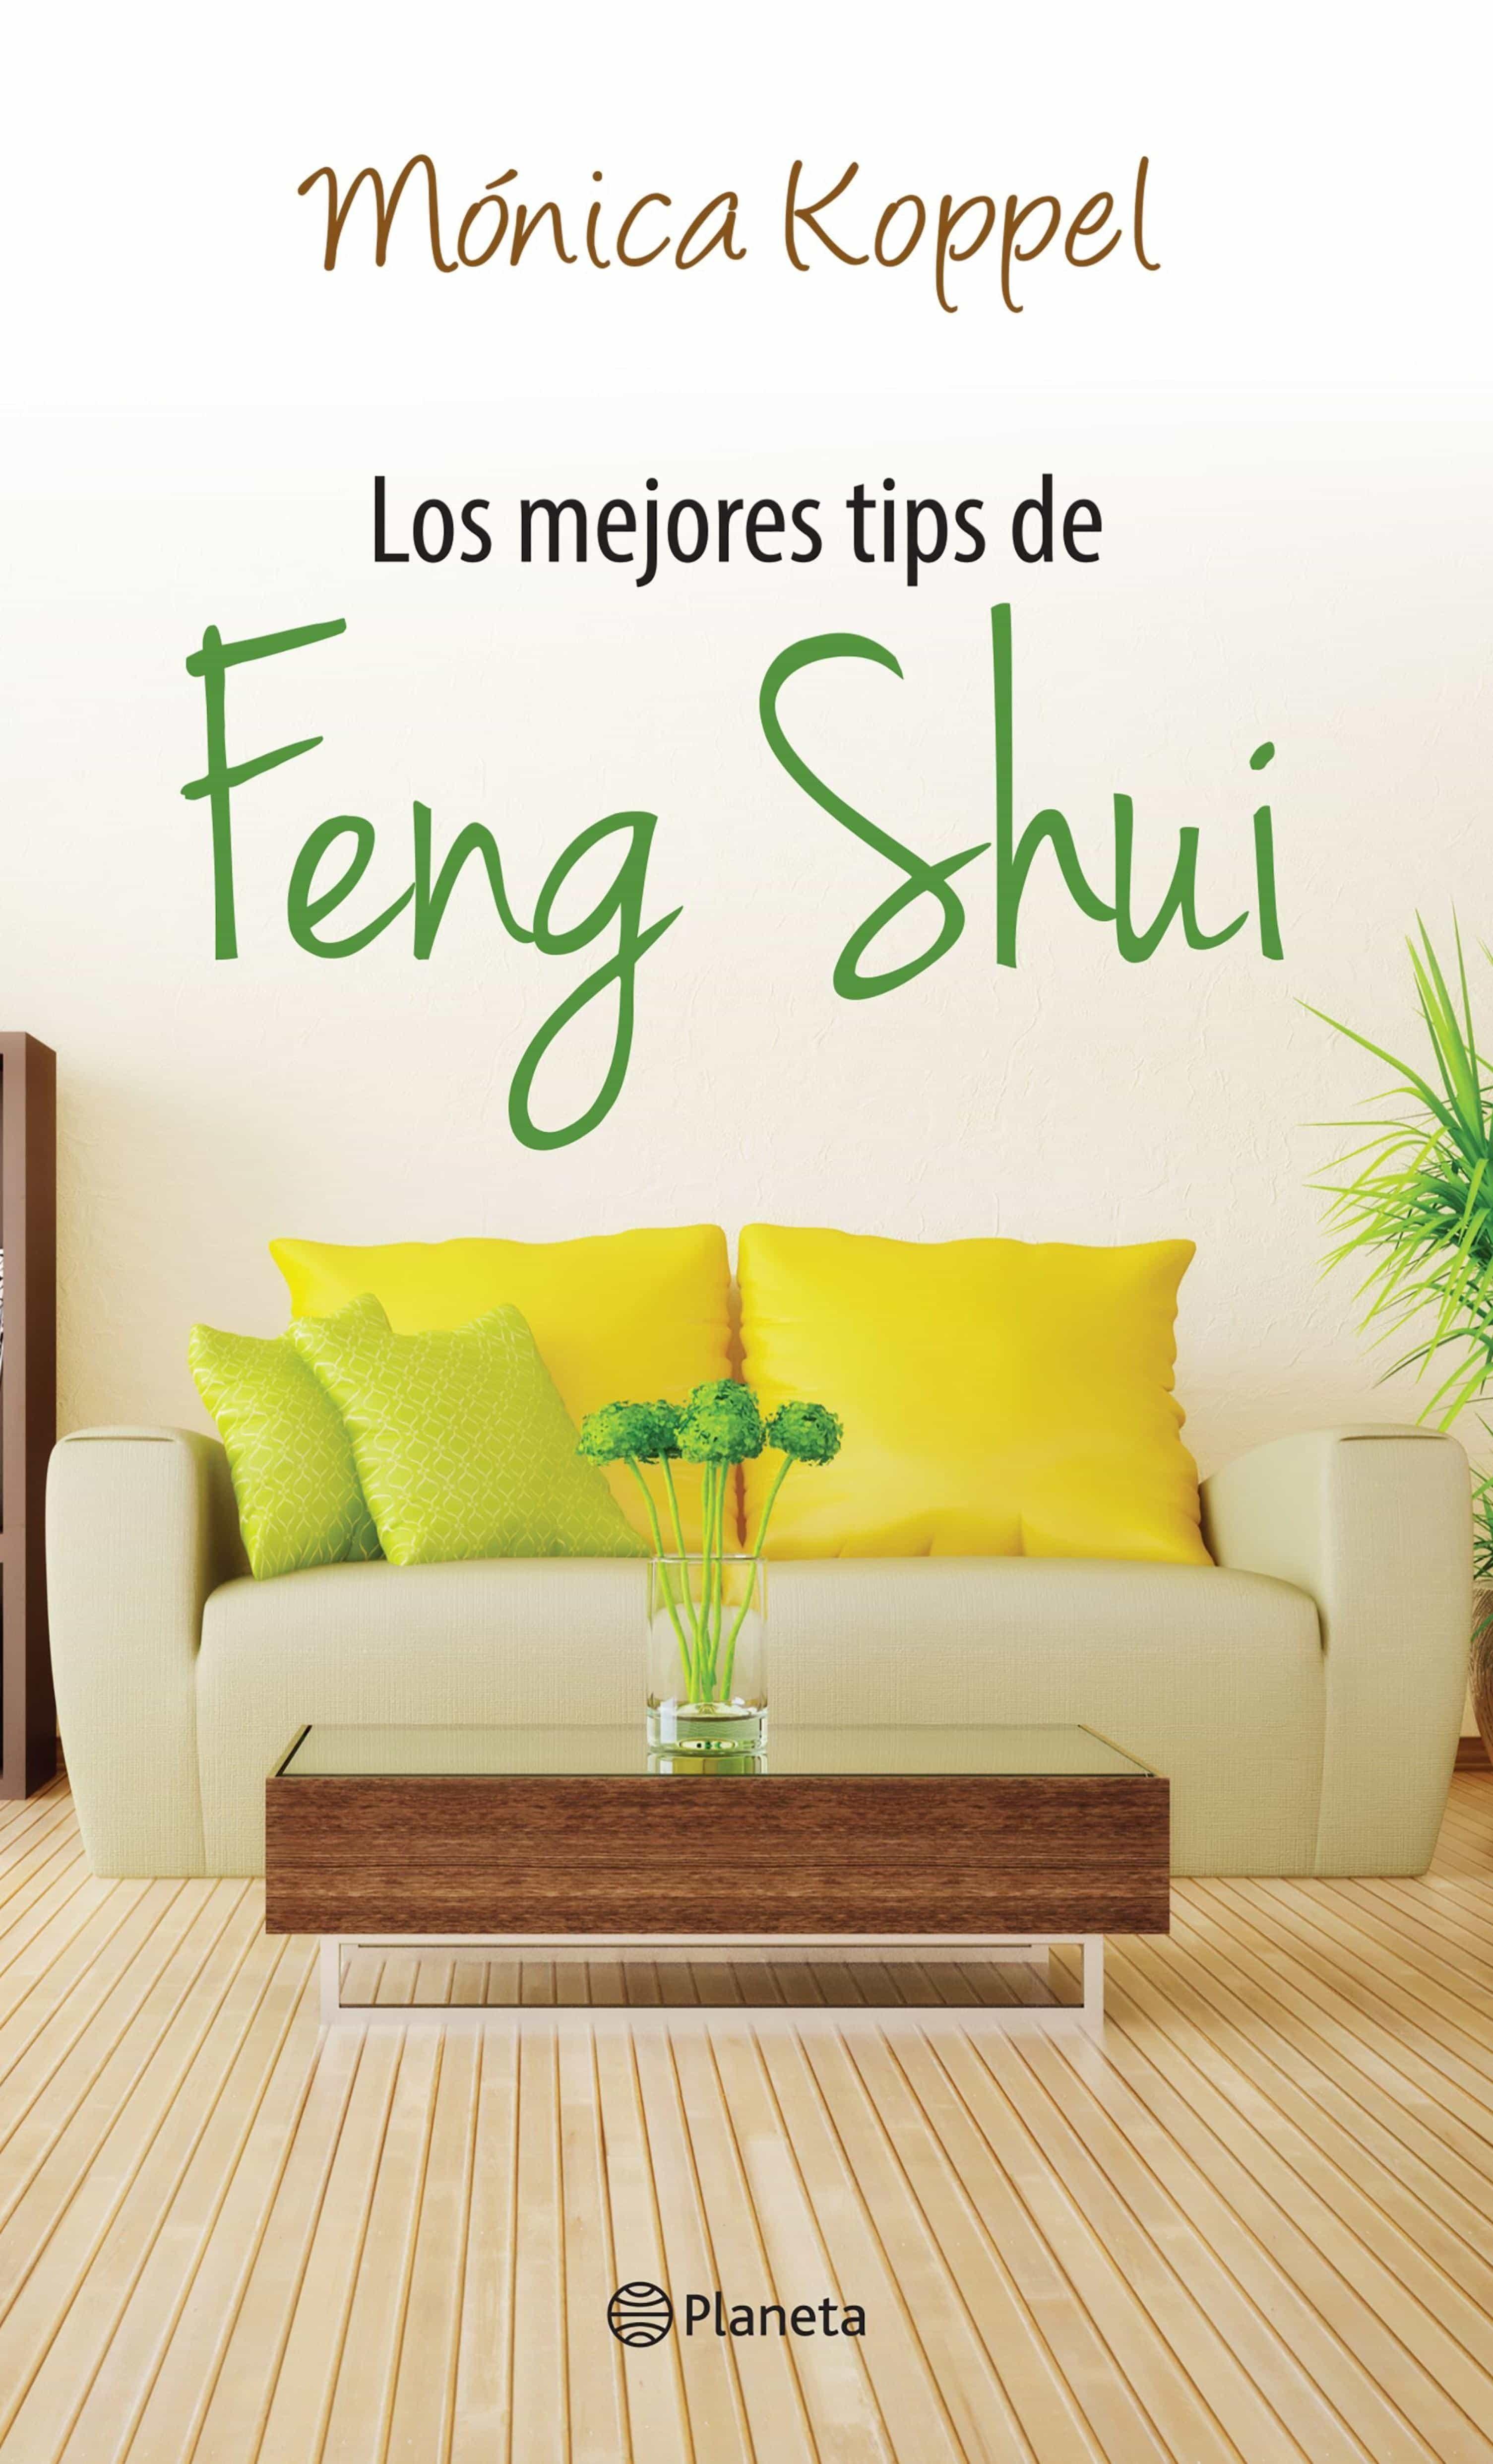 Los mejores tips de feng shui ebook ebooks el corte - El mejor libro de feng shui ...